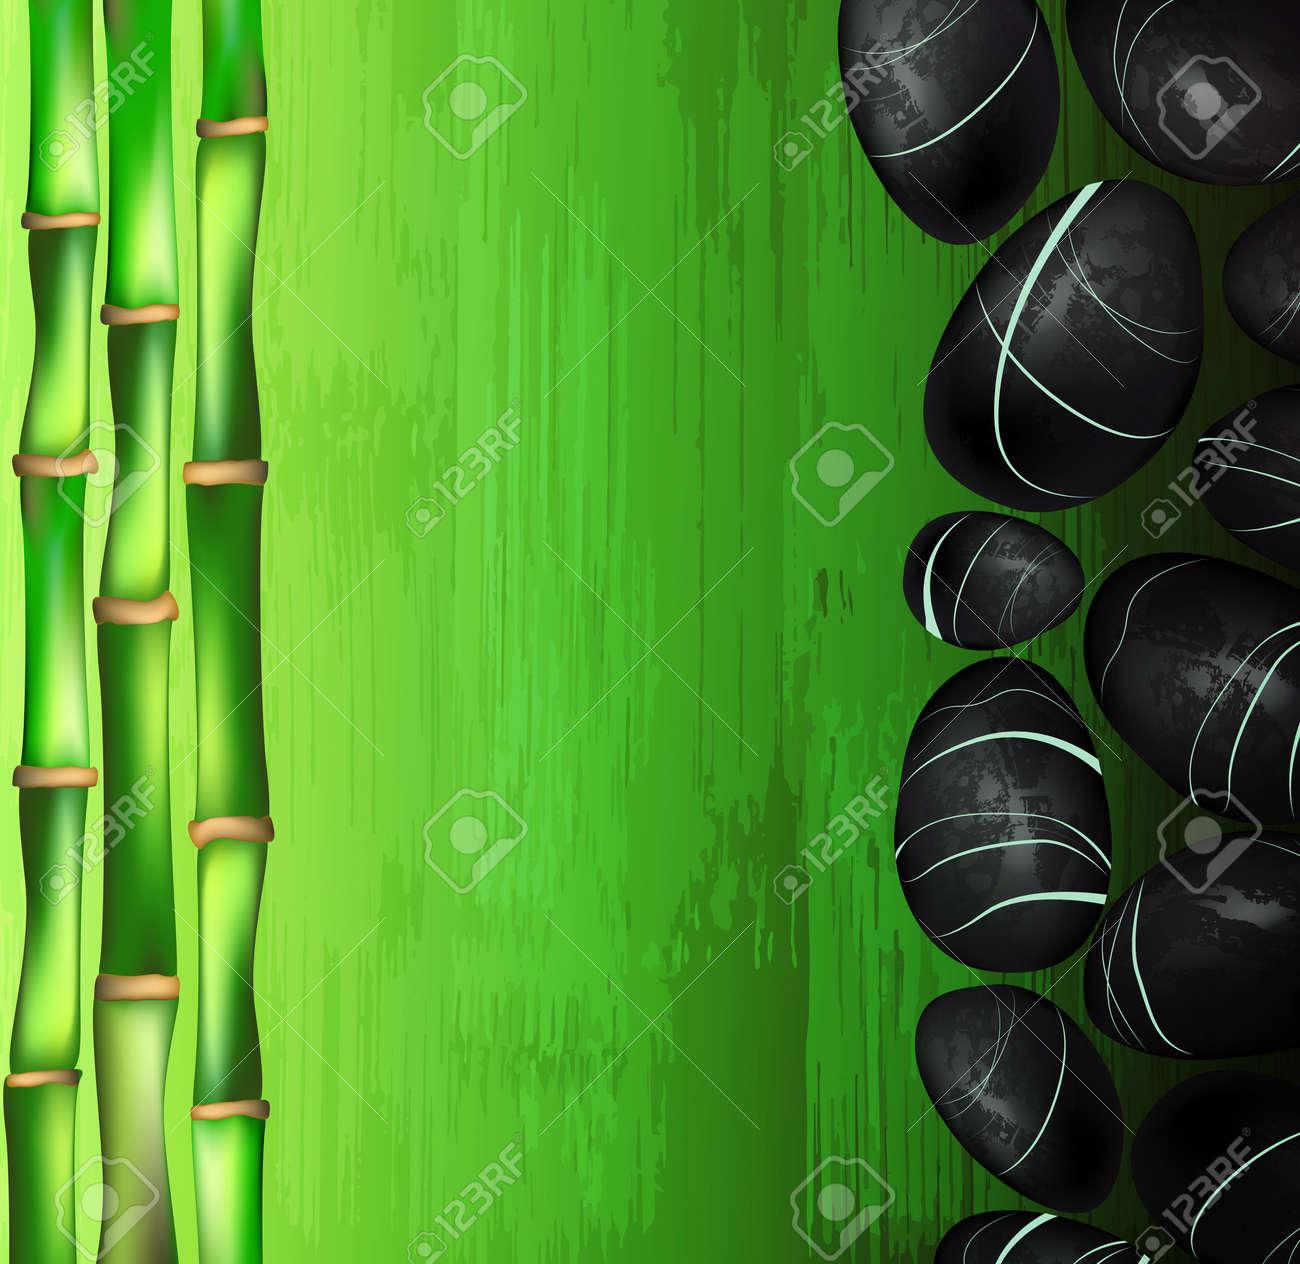 Hintergrund Eines Spa Mit Steinen Und Grunen Bambus Lizenzfrei